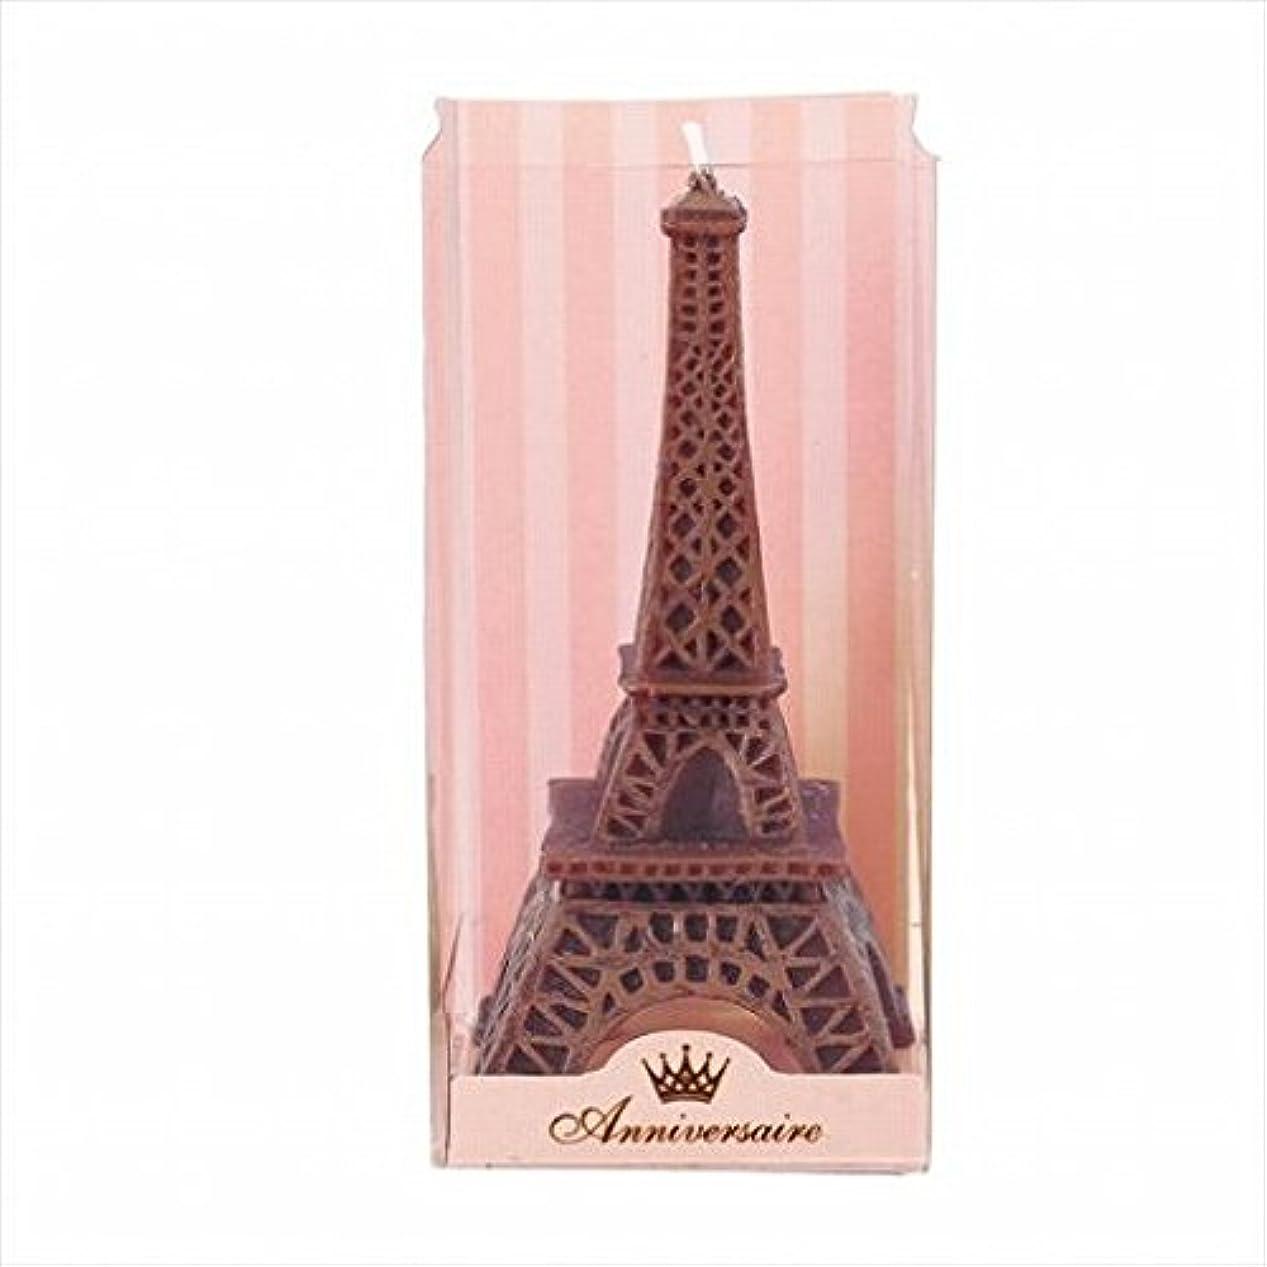 夫巻き取り満足できるkameyama candle(カメヤマキャンドル) エッフェル塔キャンドル 「 チョコレート 」(A5870000)